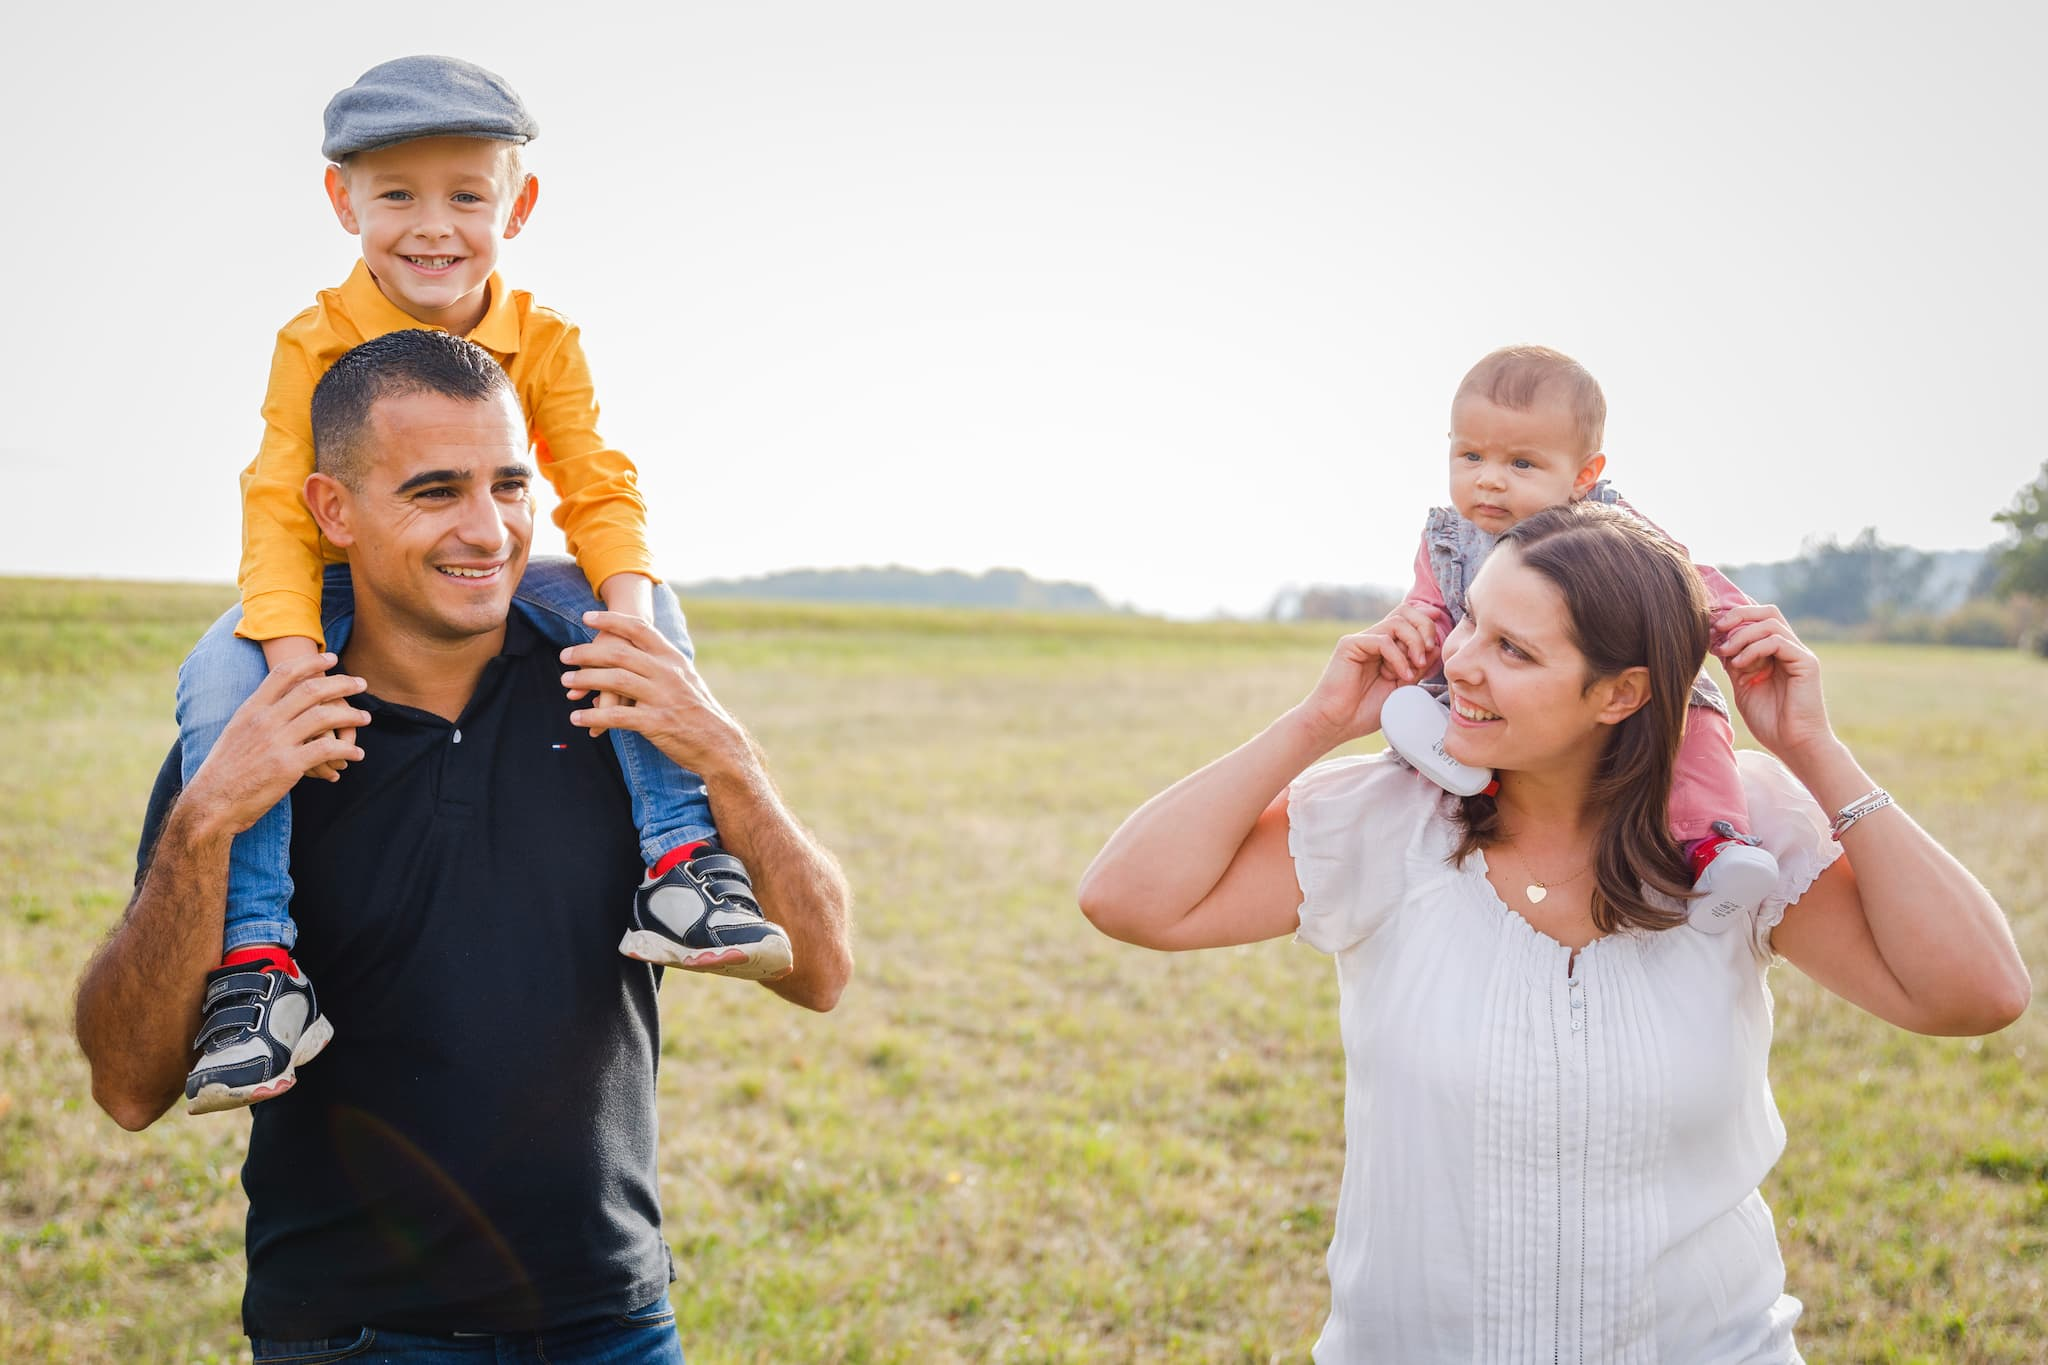 photographe passionné ; photographe patient avec les enfants